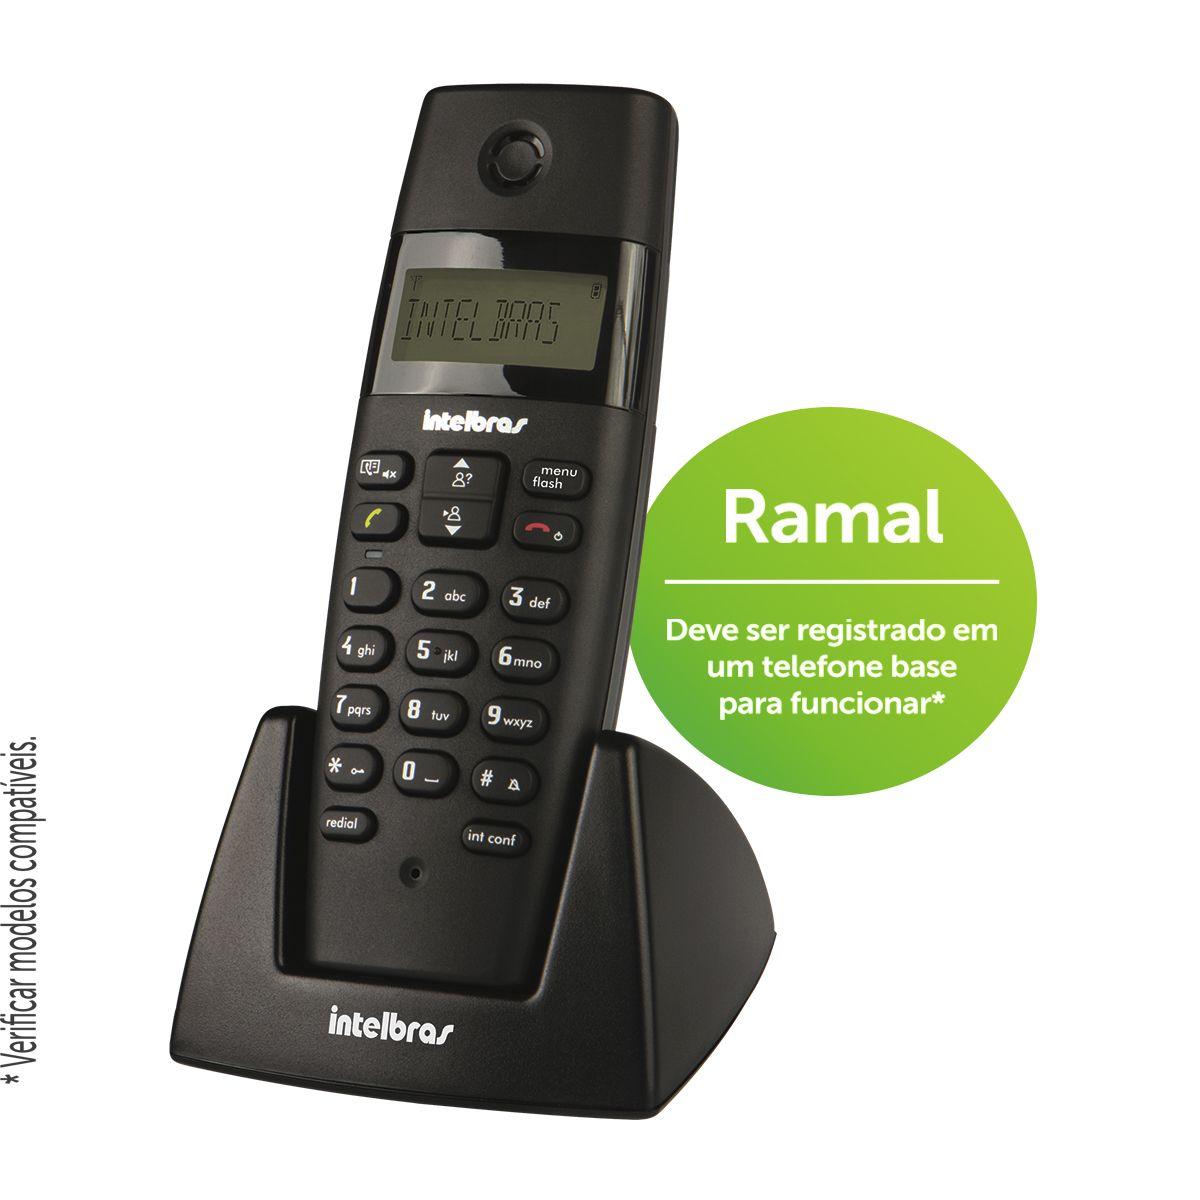 Intelbras Ramal sem fio TS 40 R - Hope Tech Telecomunicações